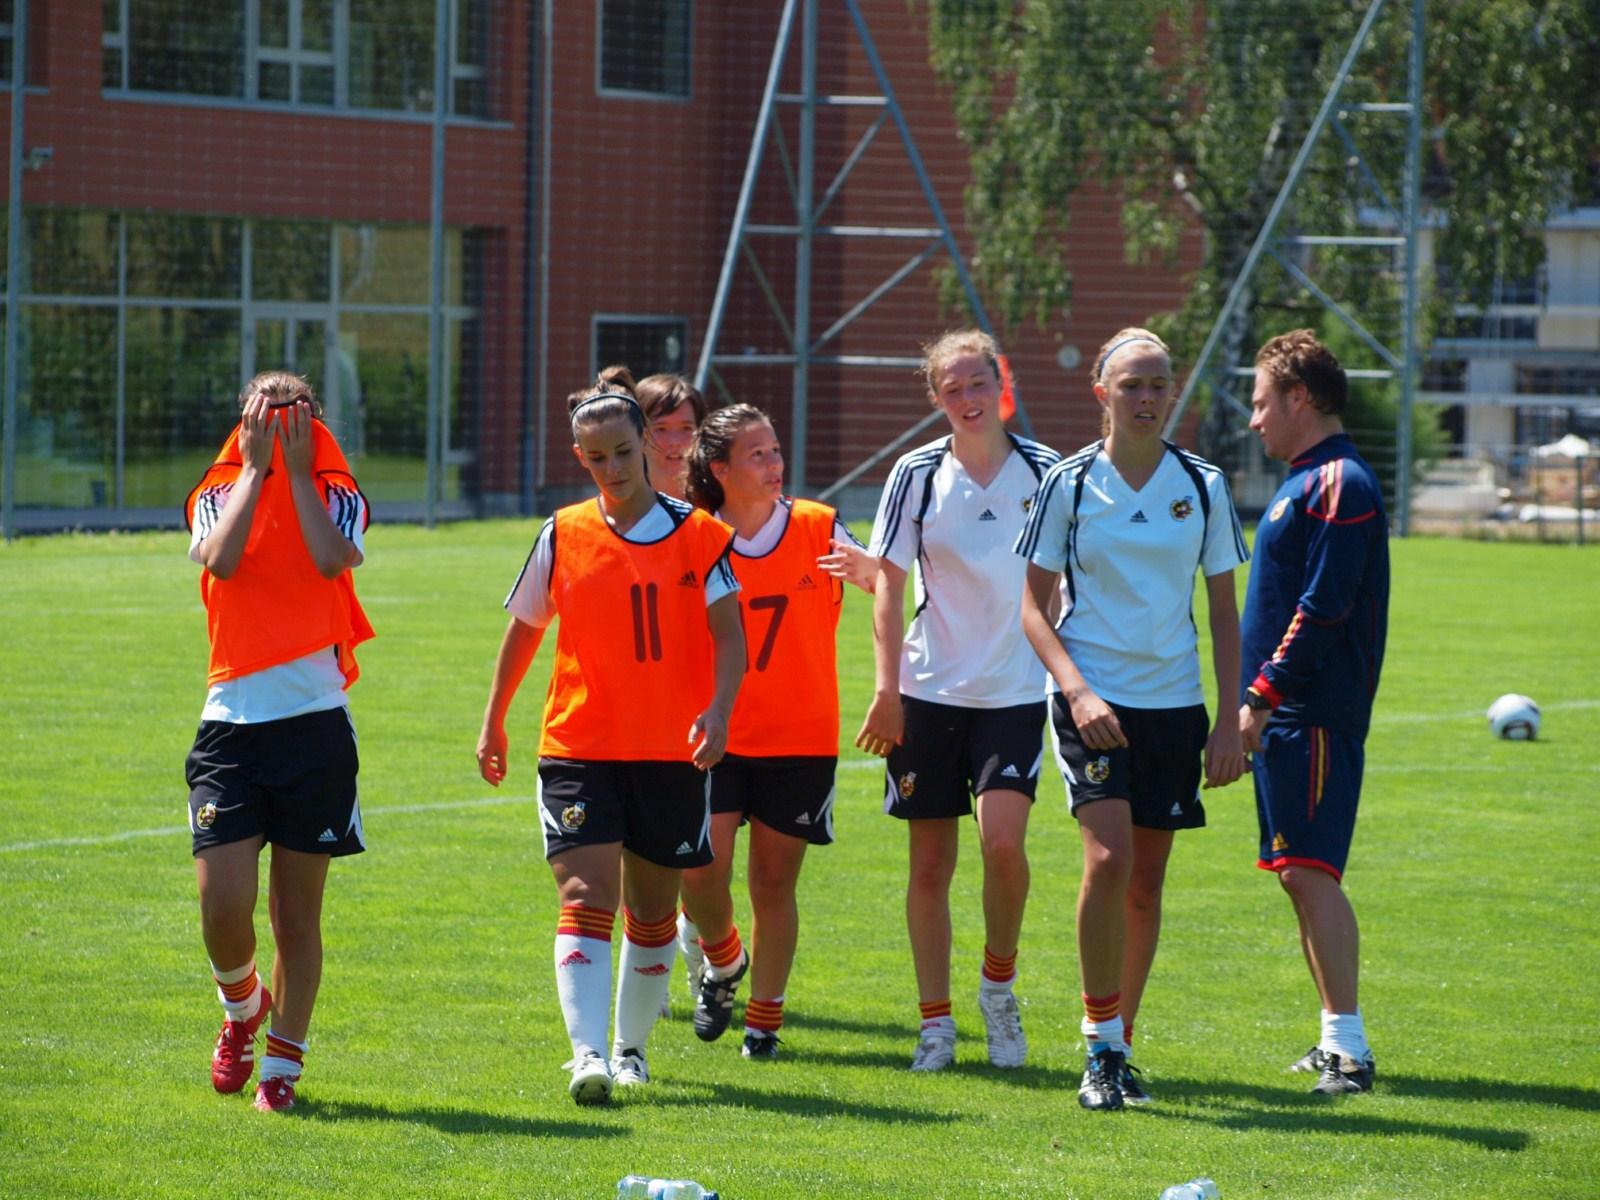 Campeonato Europa sub-17 Femenino Último entrenamiento antes de la gran  final 9c6db17f0a0